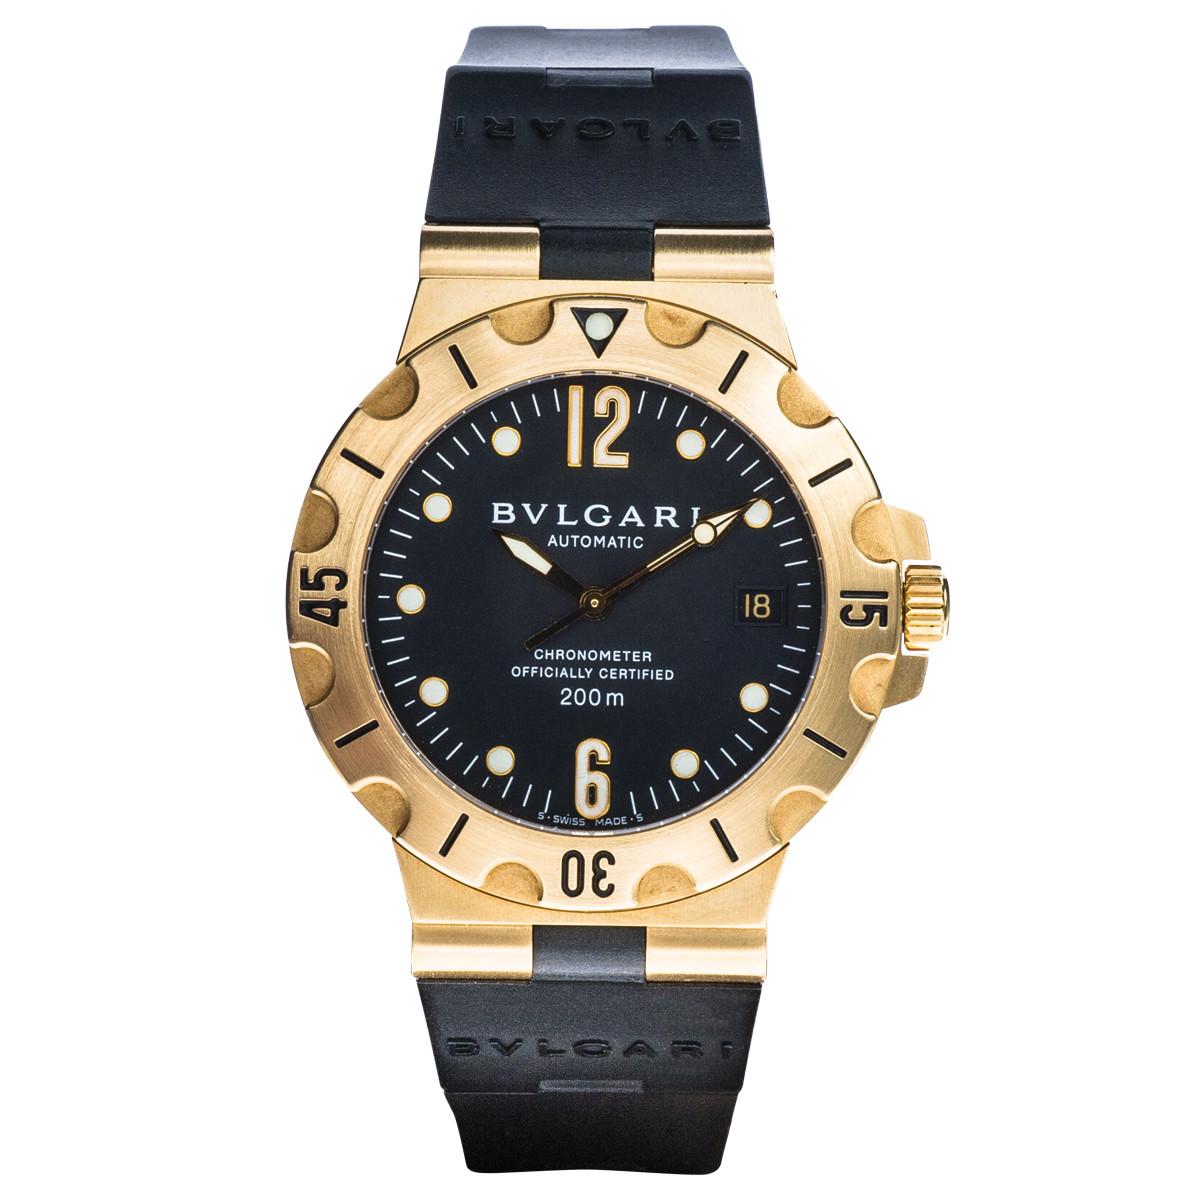 Preowned Bulgari Diagono Professional Acqua Watch